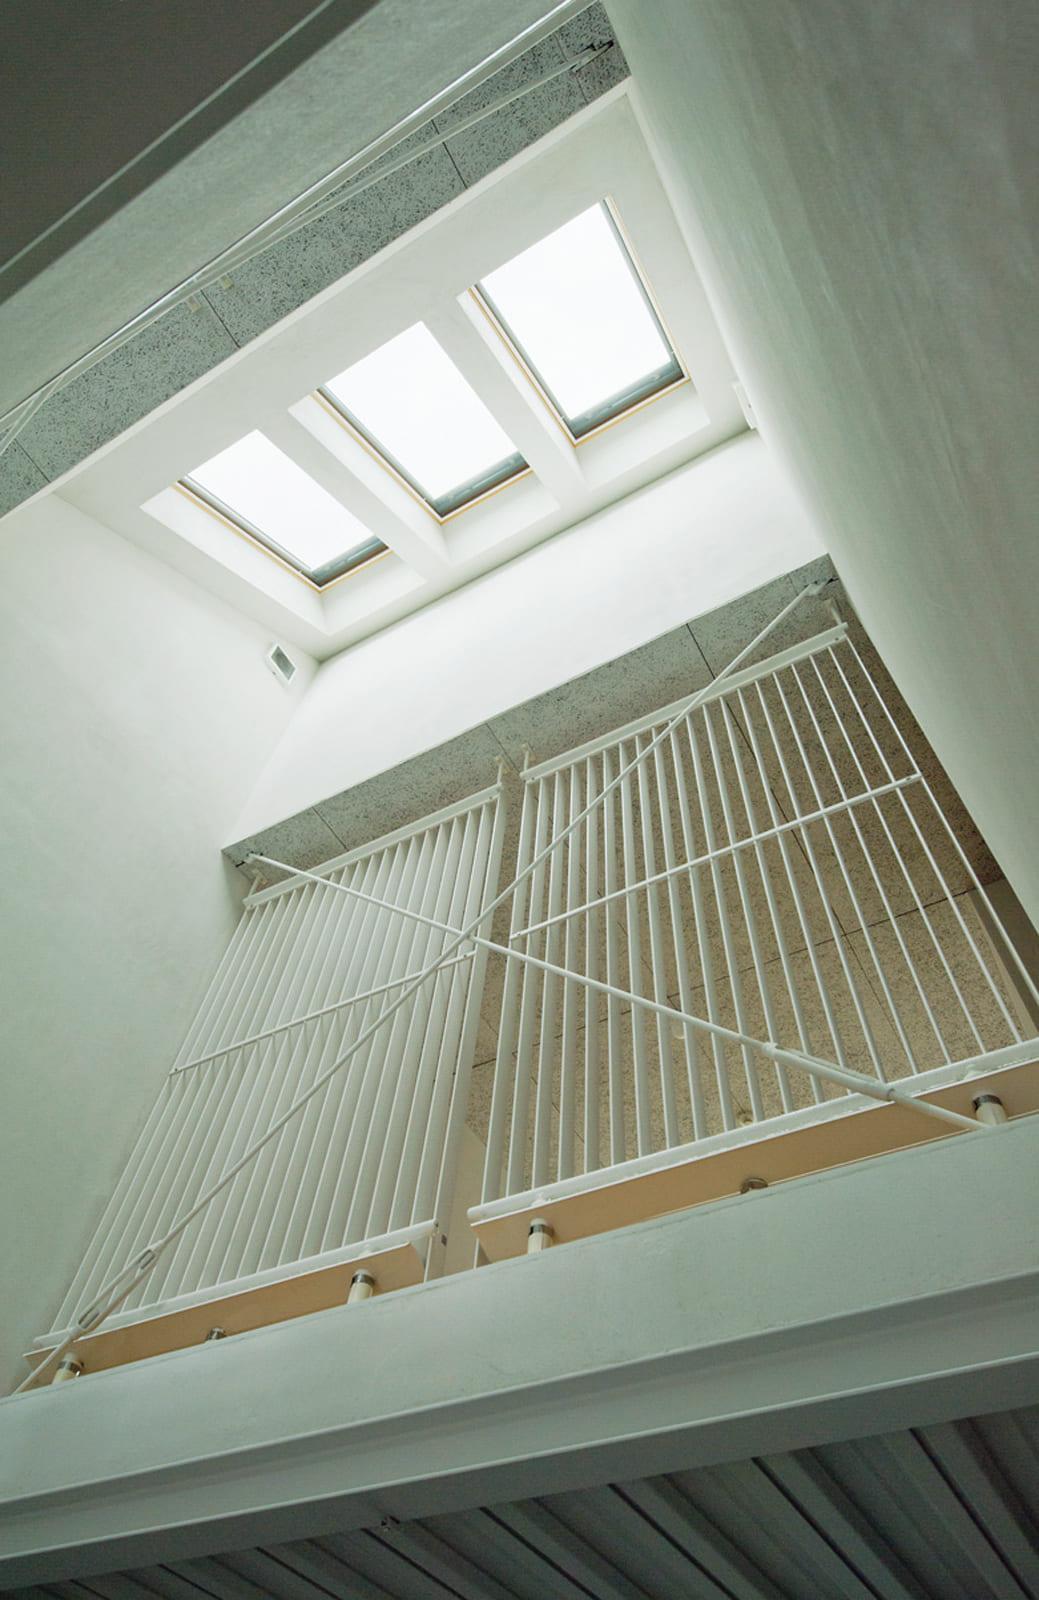 2階、細長い建物の中間にある吹き抜けは、開閉可能な天窓で採光と通風を確保した